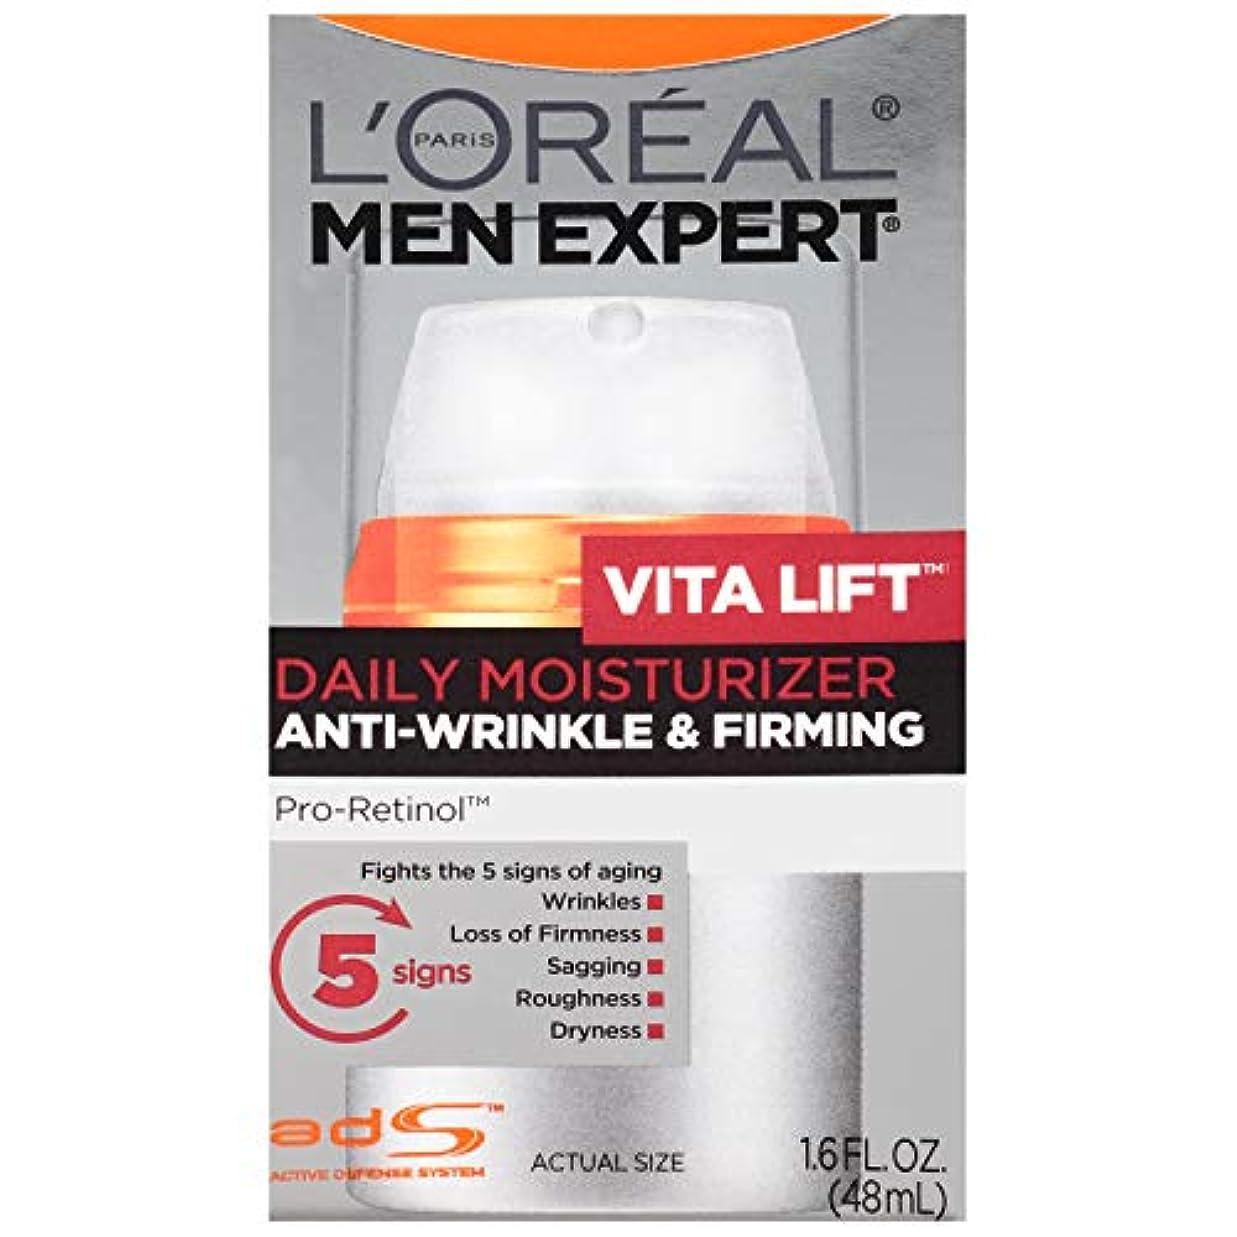 必要としている虚弱香港Men's Expert L'Oreal Paris Vita Lift Anti-Wrinkle & Firming Moisturizer, 1.6 Ounces